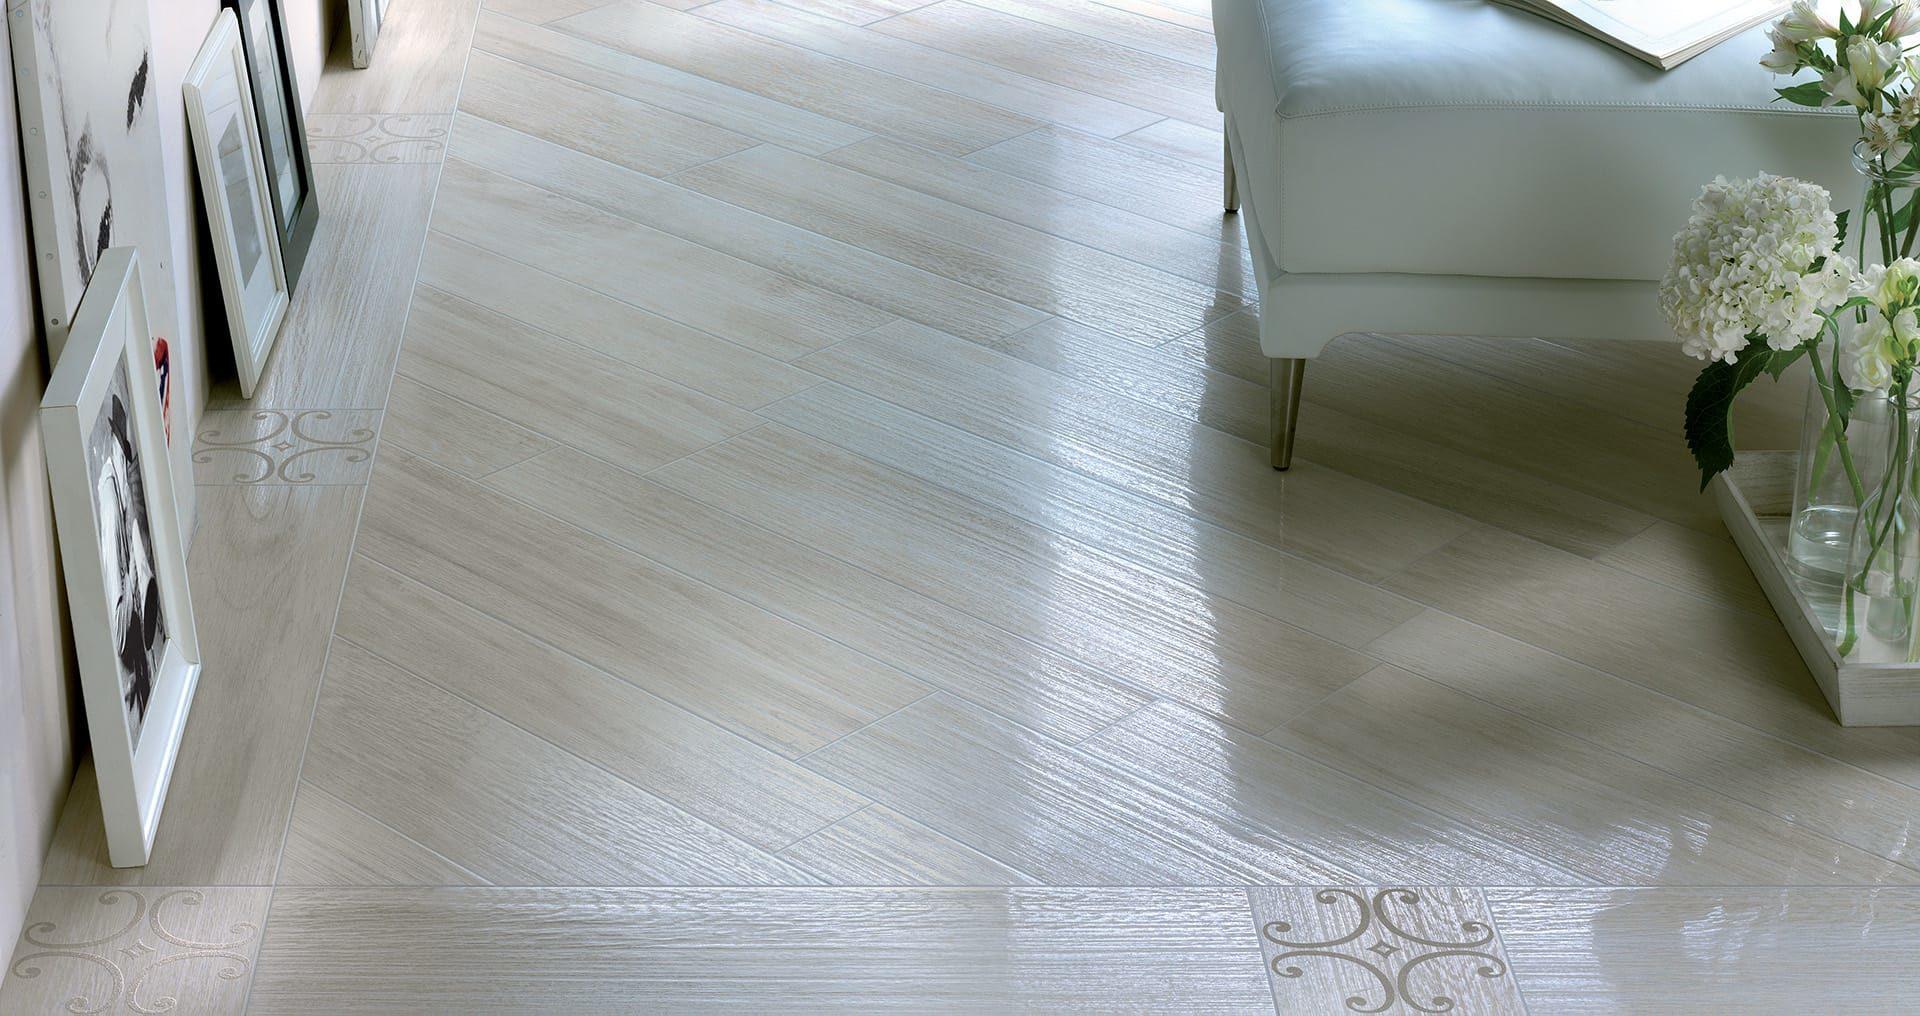 Cisa ceramiche fliesen feinsteinzeug vintage fußboden innenbereiche